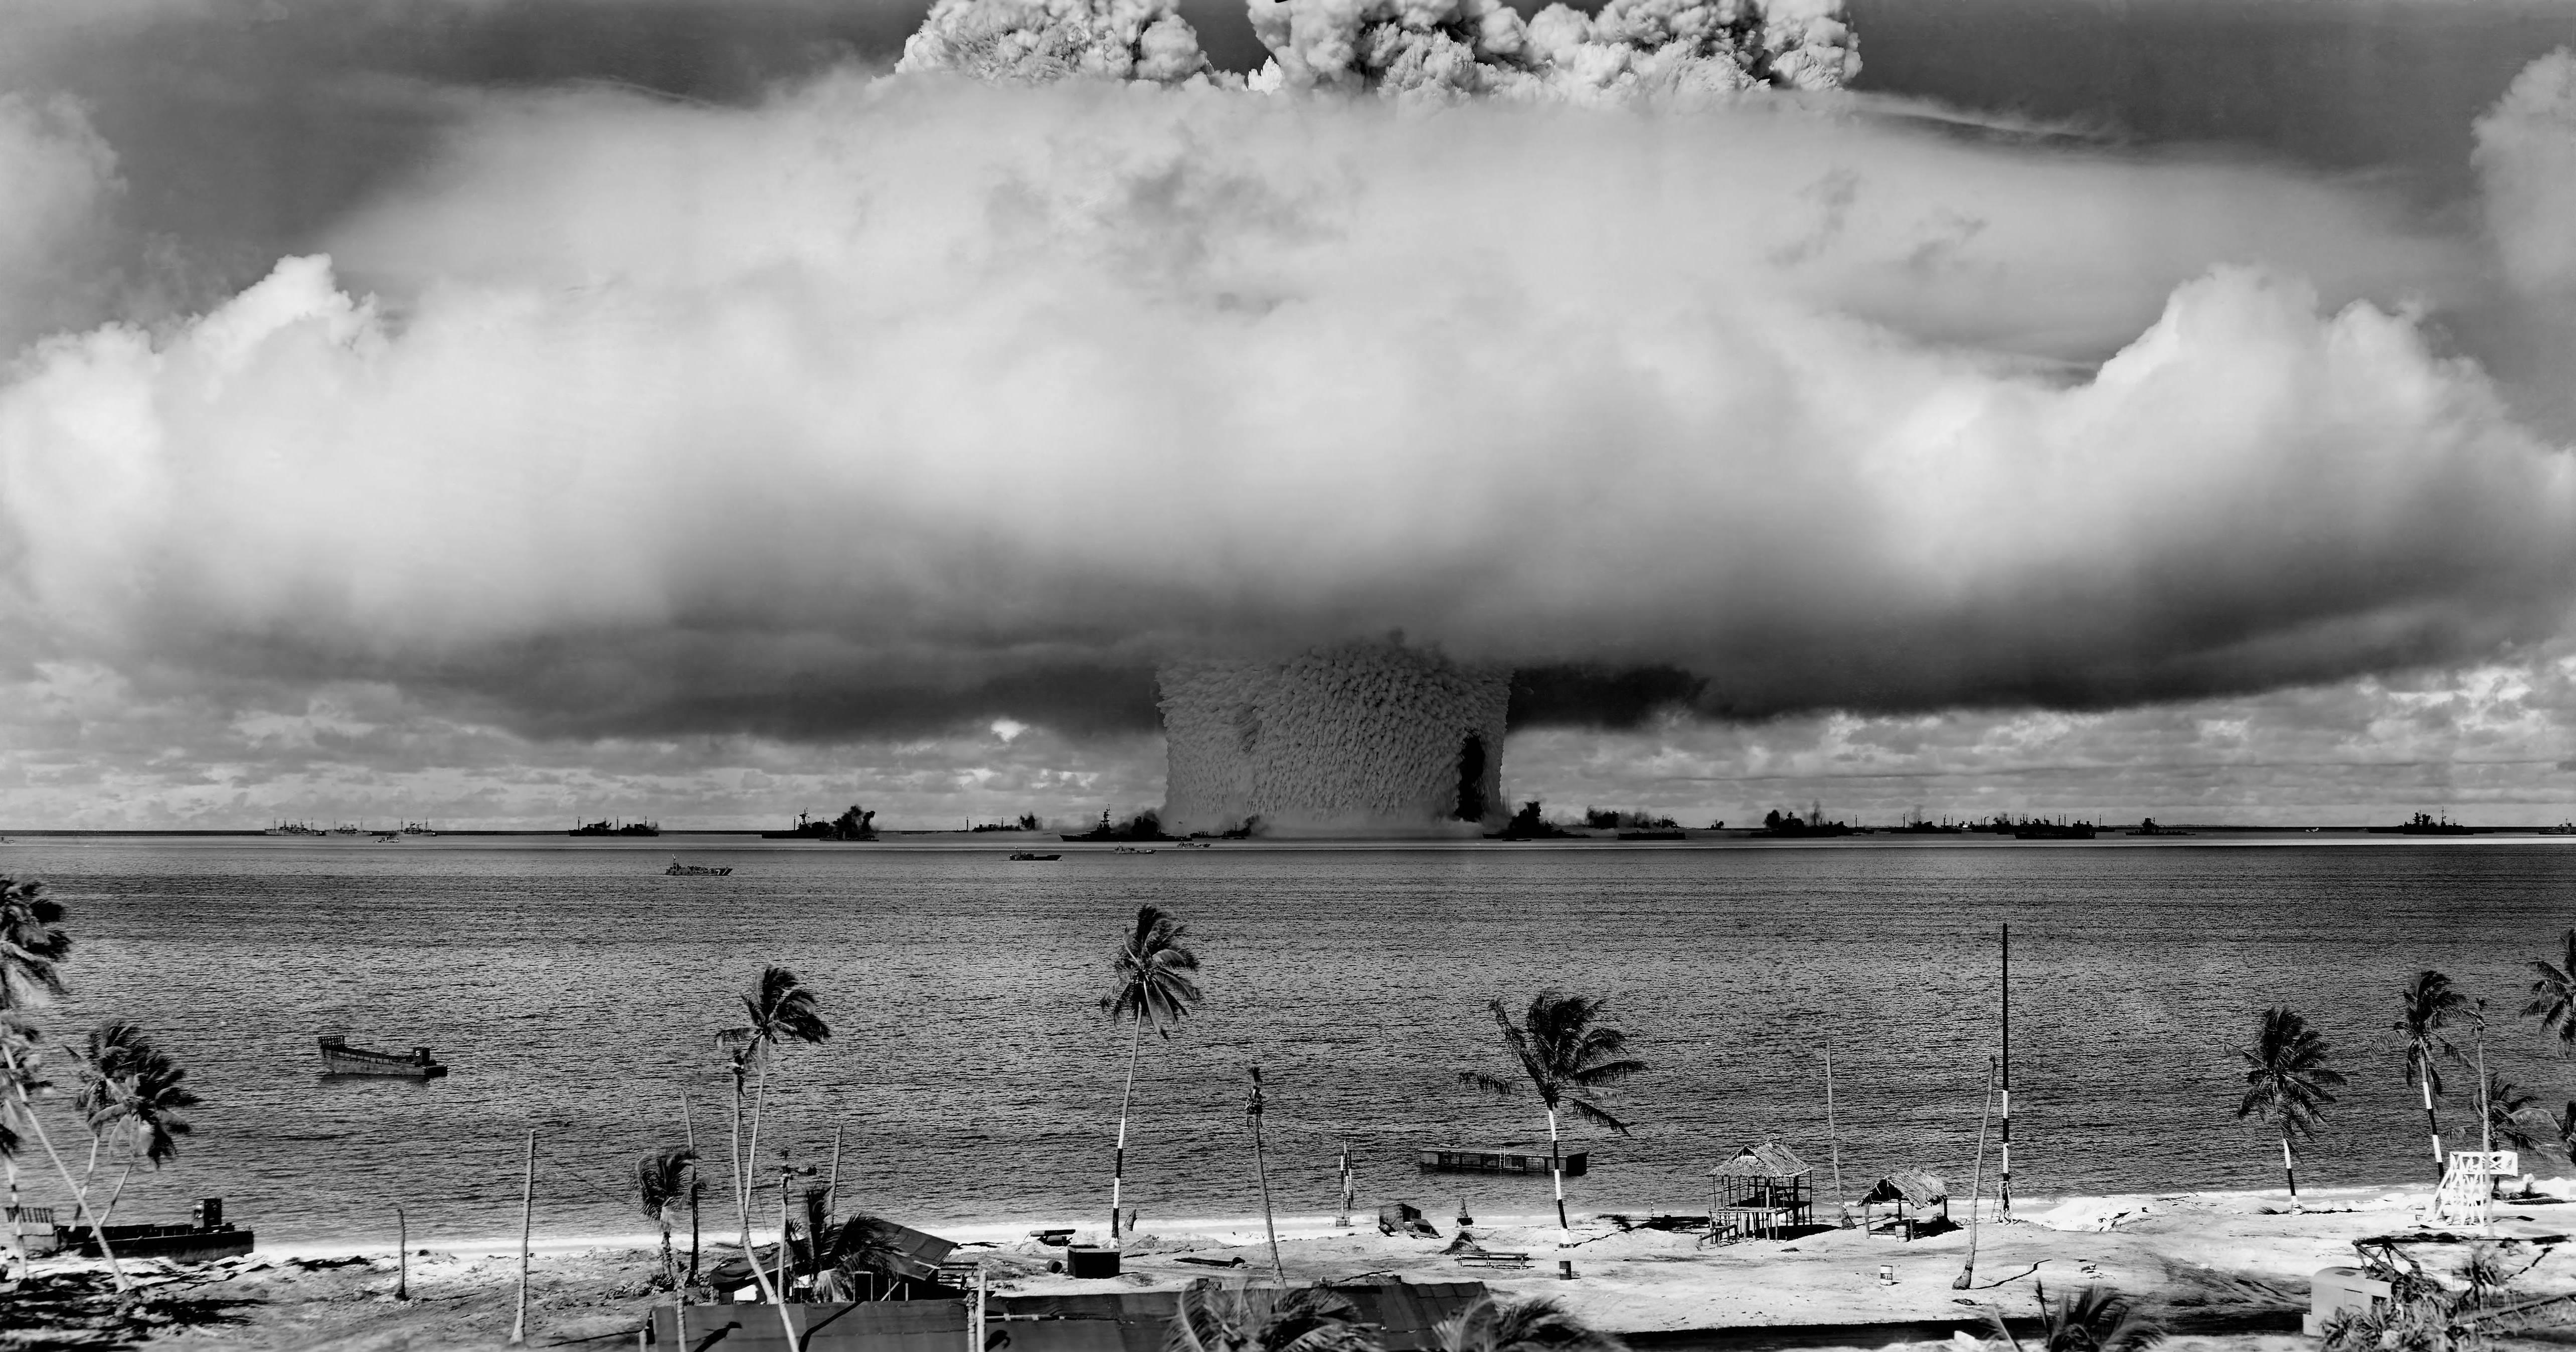 ¿Nuevo Chernóbil? Investigación demuestra que Islas Marshall tienen altos índices de radiación